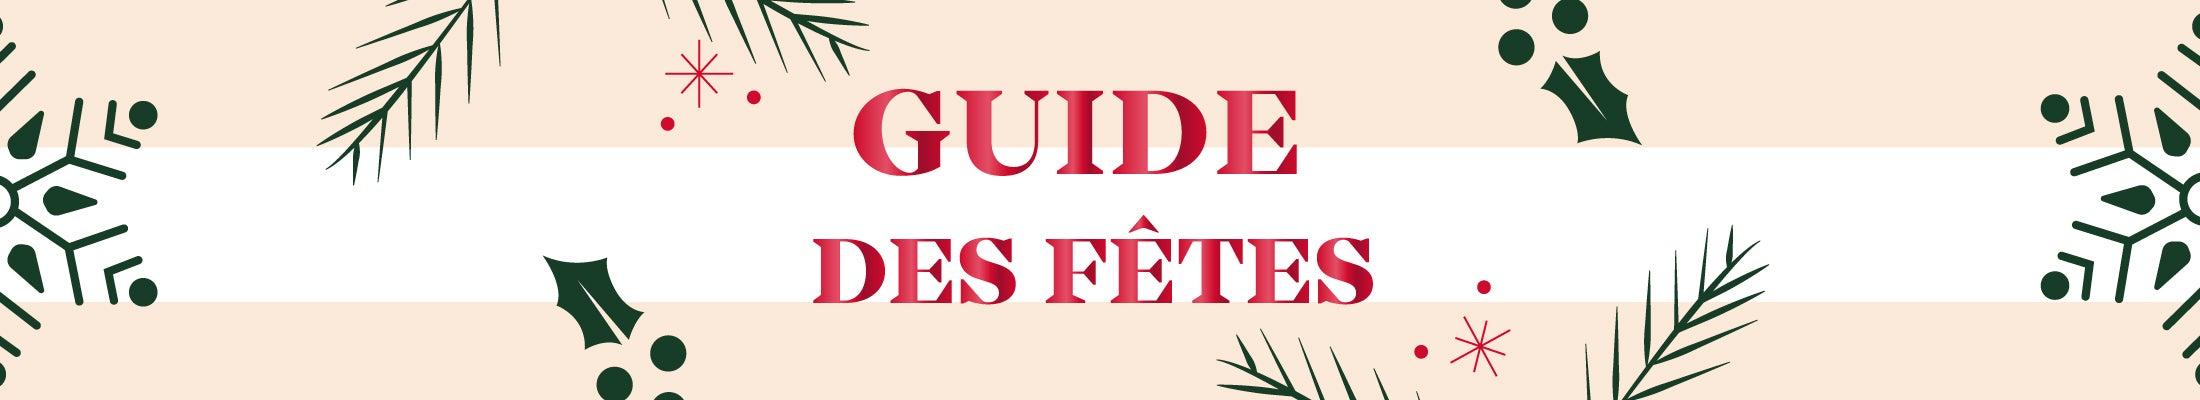 Guide des fetes